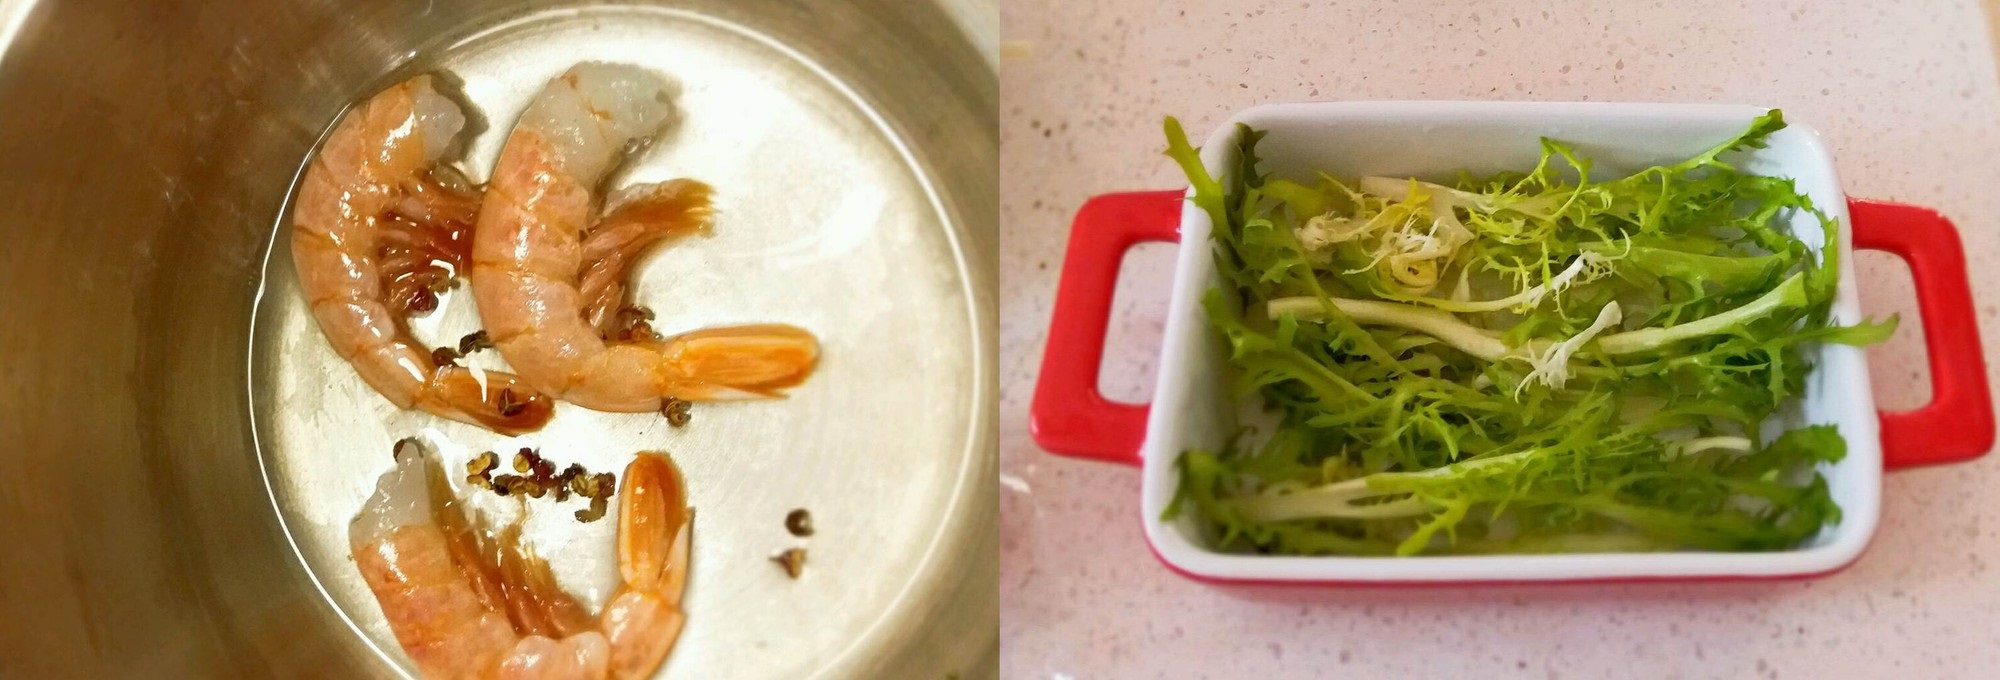 Tự làm cơm hộp ngon đẹp cho bữa trưa - Ảnh 2